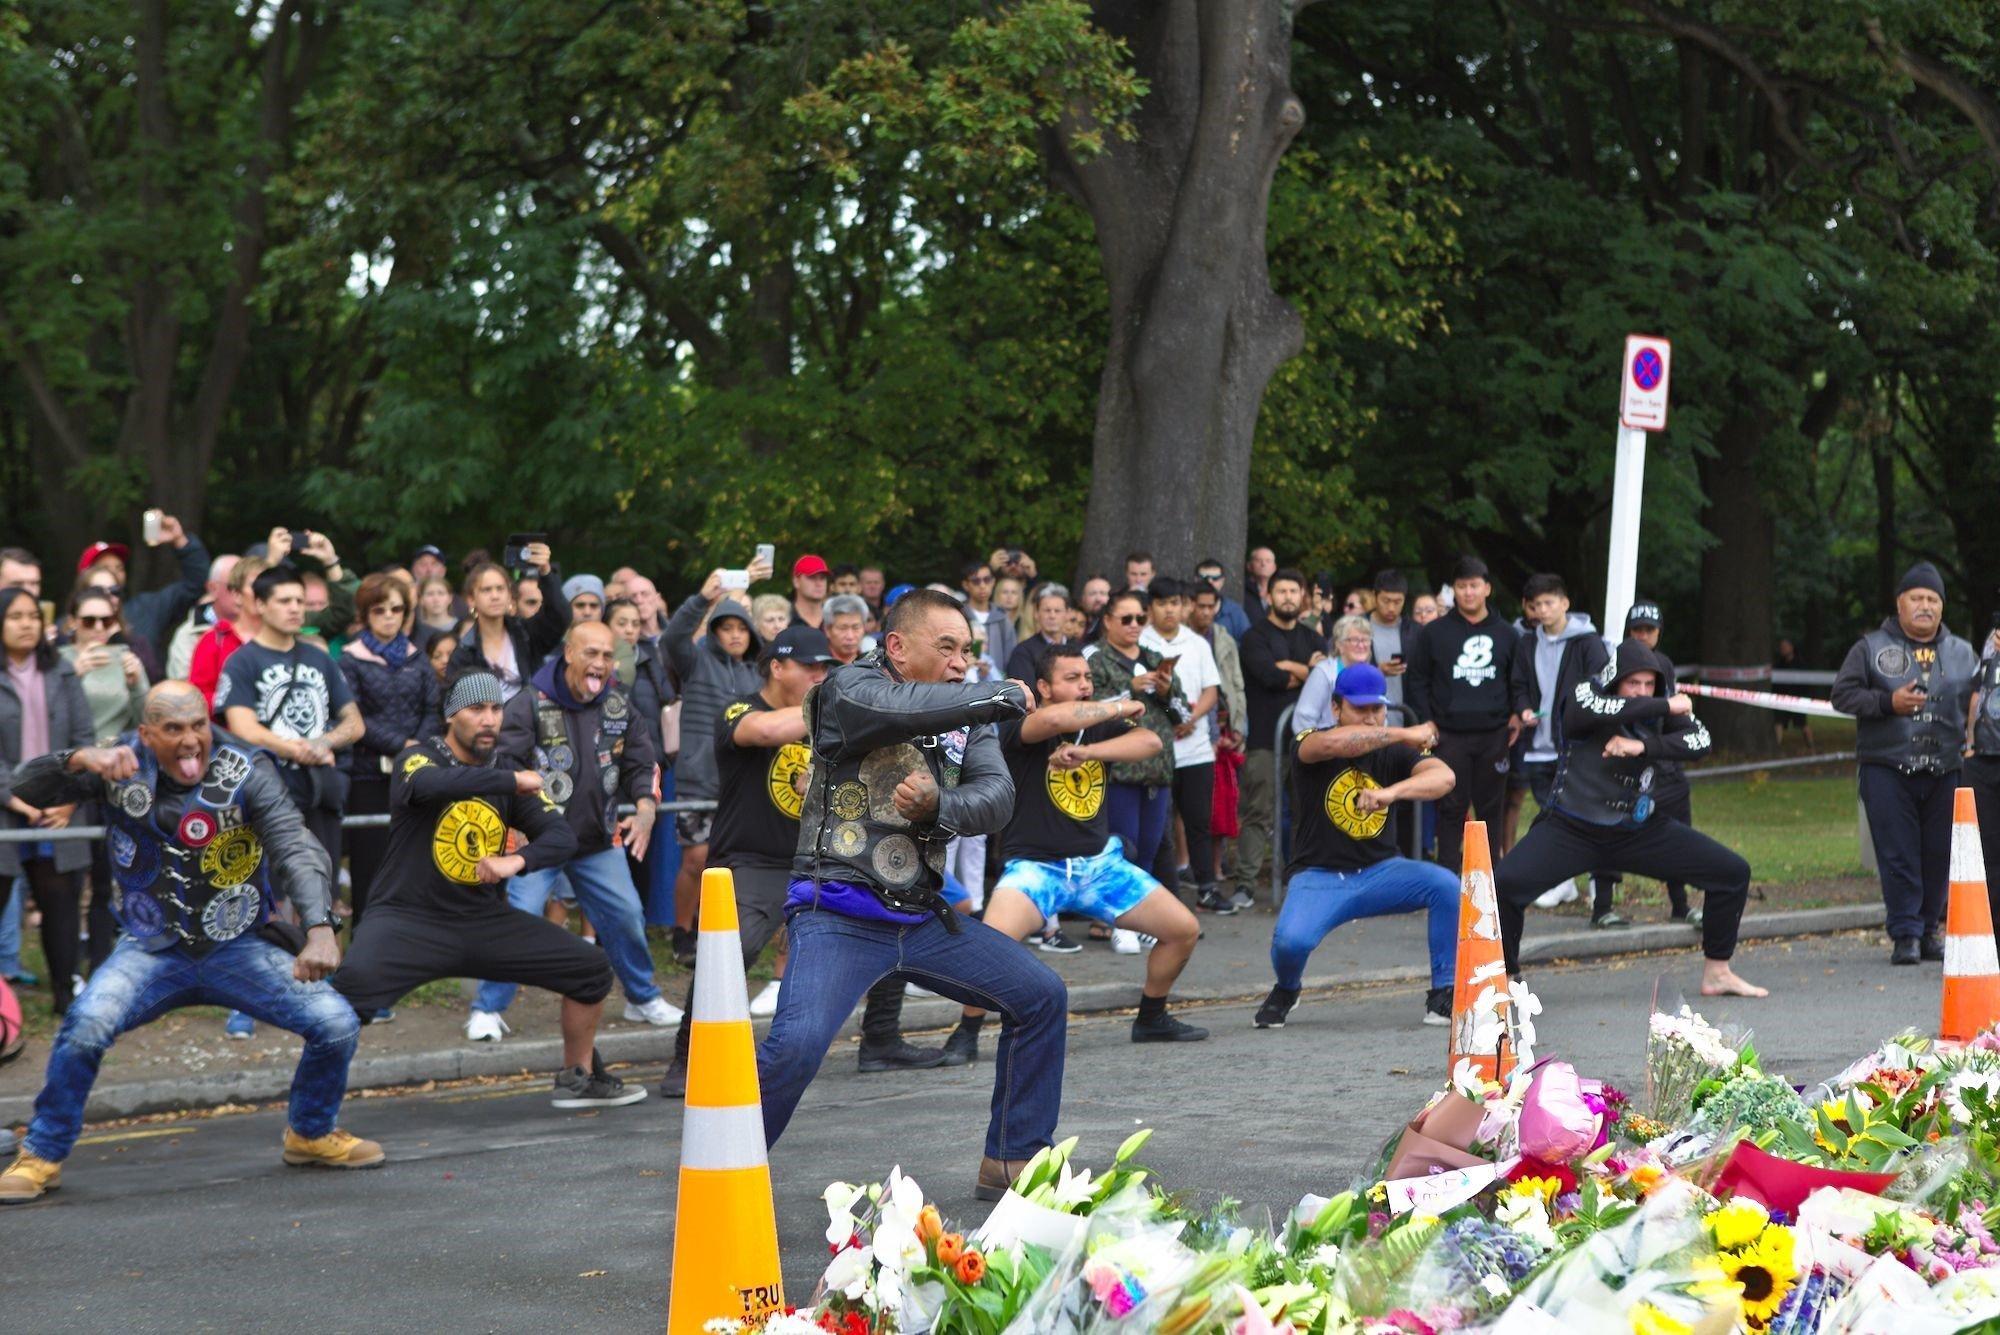 Μηχανόβιοι Μαορί τιμούν τα θύματα της Νέας Ζηλανδίας με τον εντυπωσιακό τελετουργικό χορό